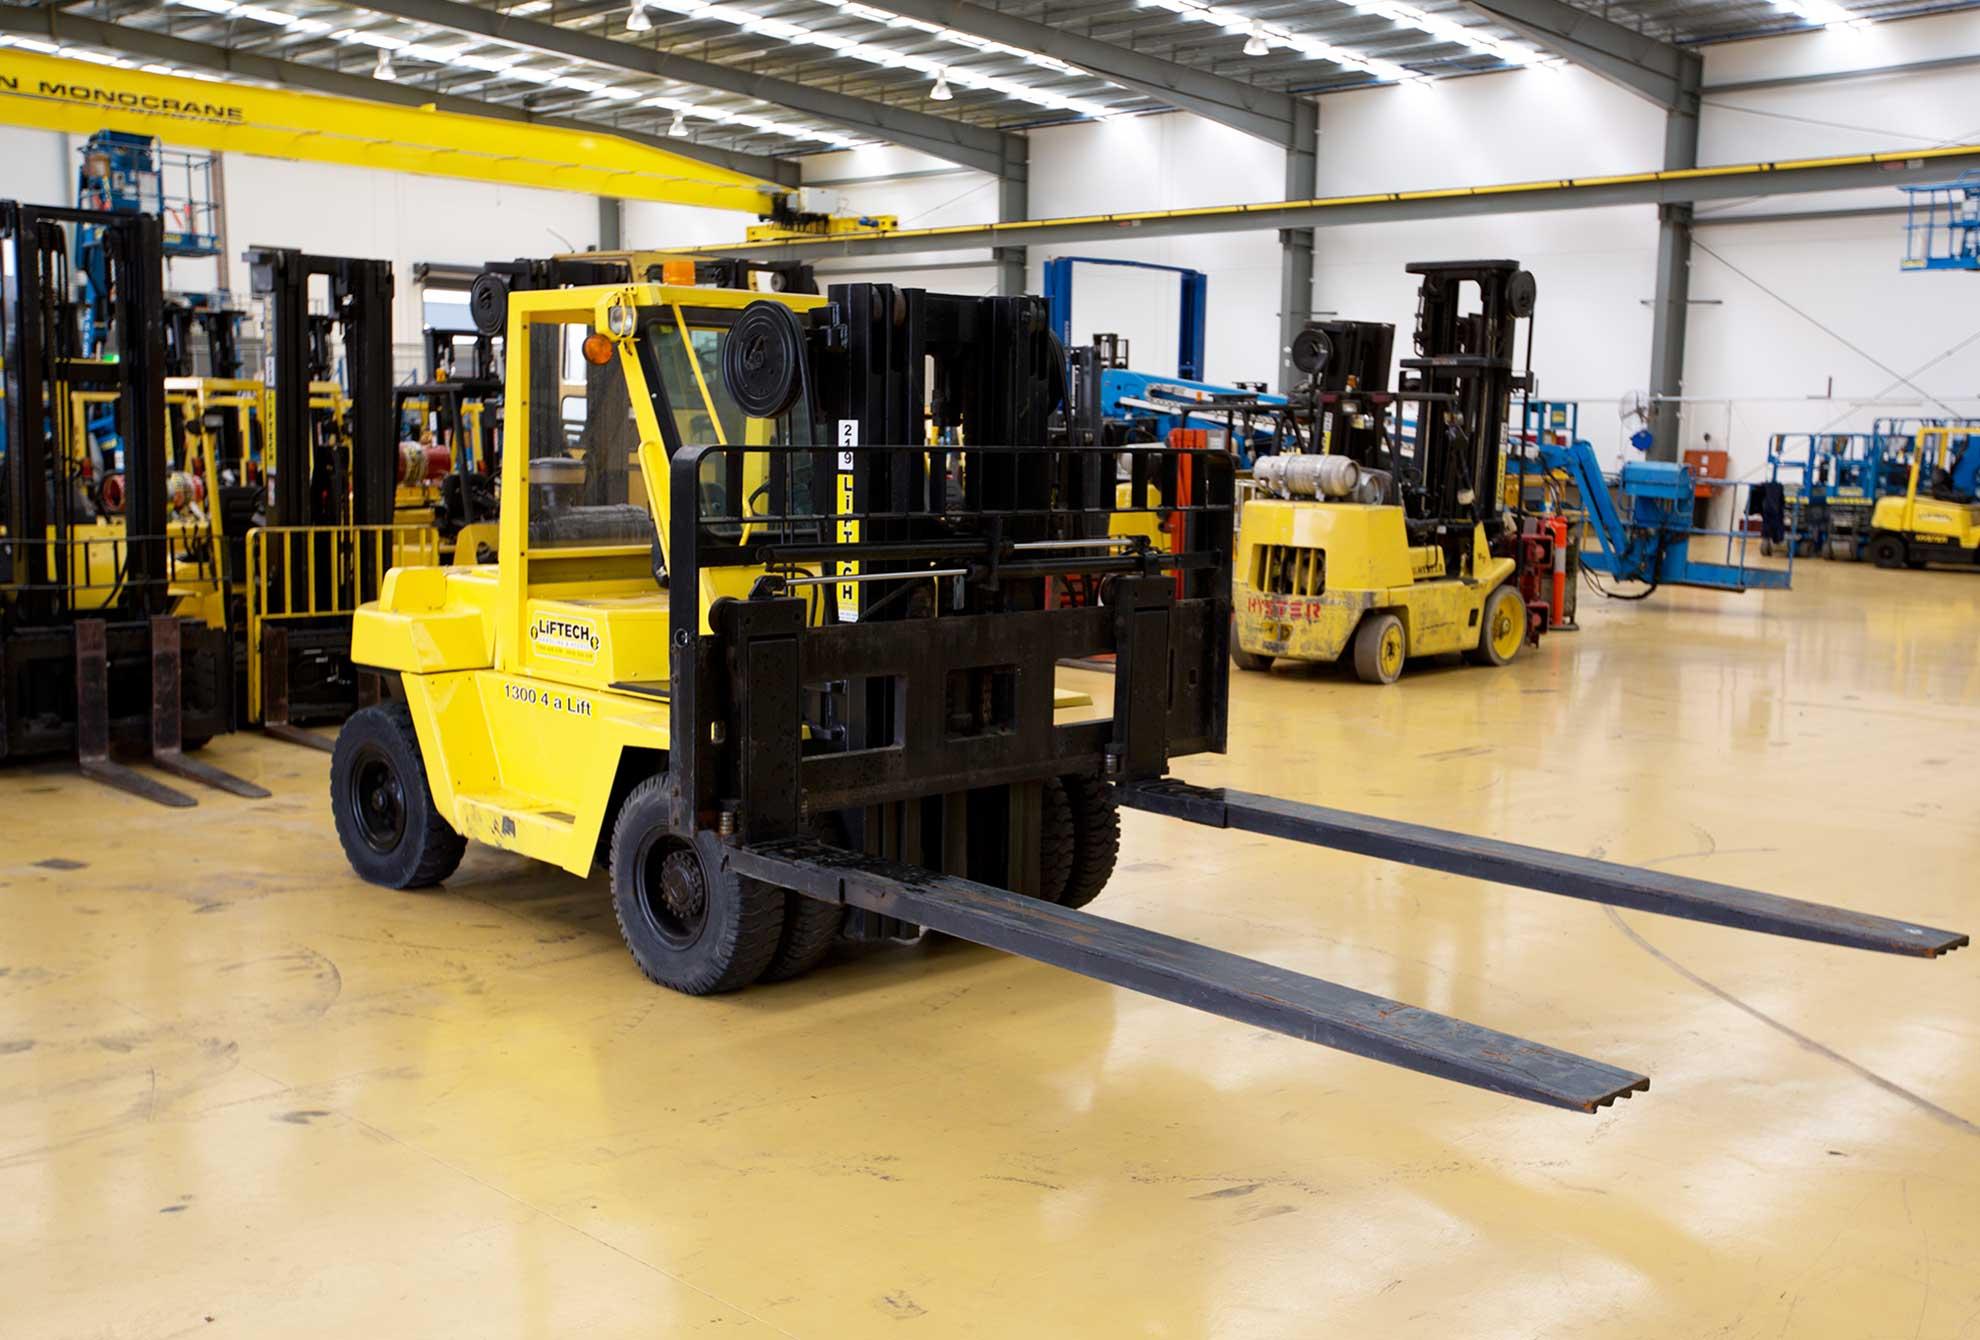 6 Tonne Yard Diesel Forklift